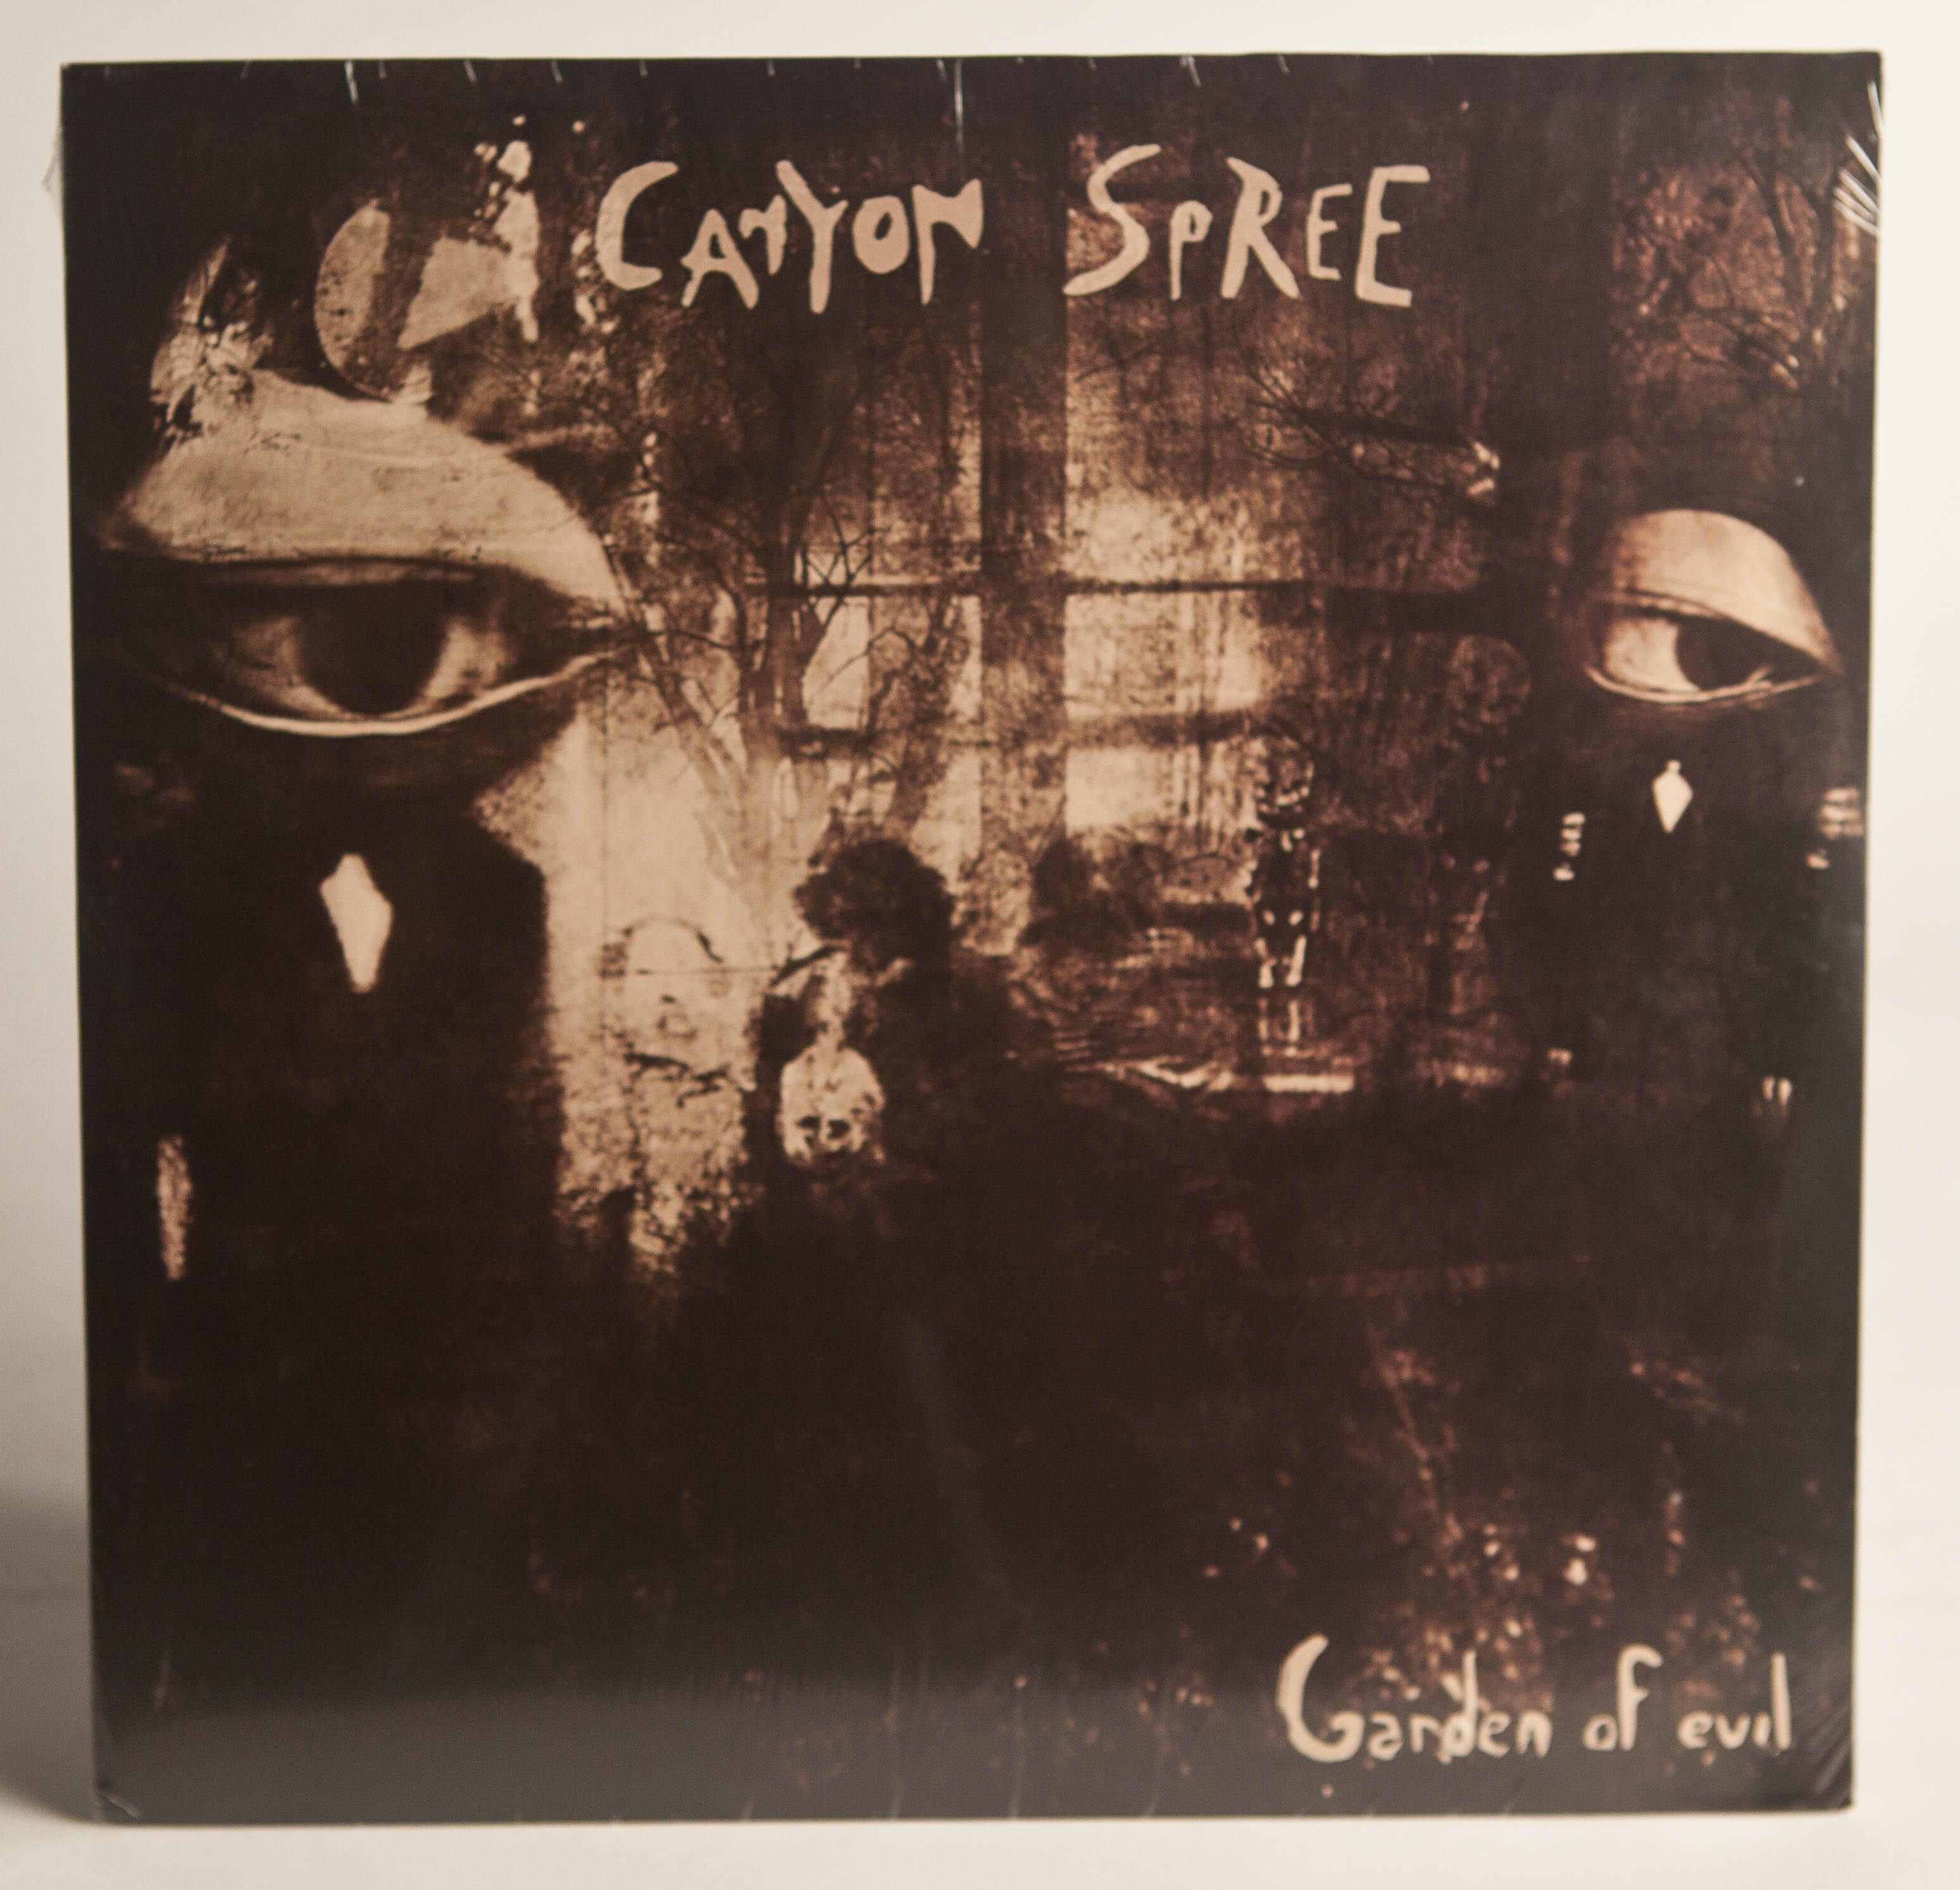 CANYON SPREE – GARDEN OF EVIL – Get Hip Recordings!